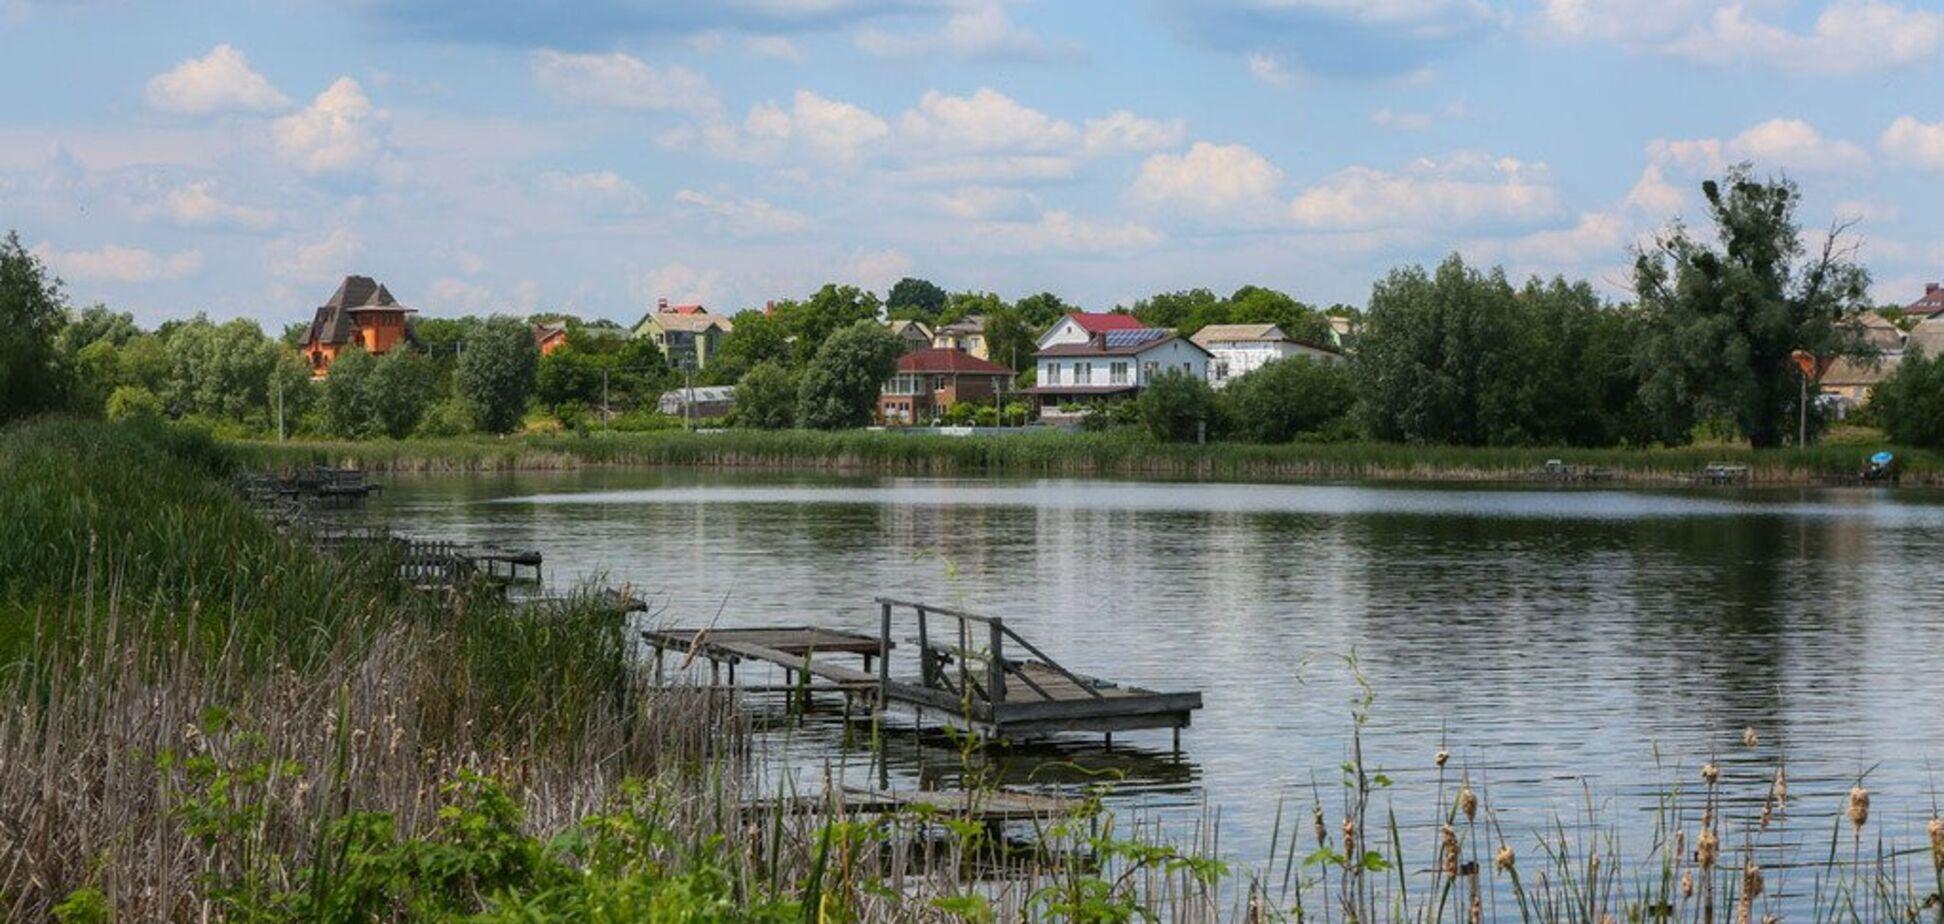 Остались одни кроссовки: под Киевом в озере нашли мертвым 18-летнего. Фото и видео 18+